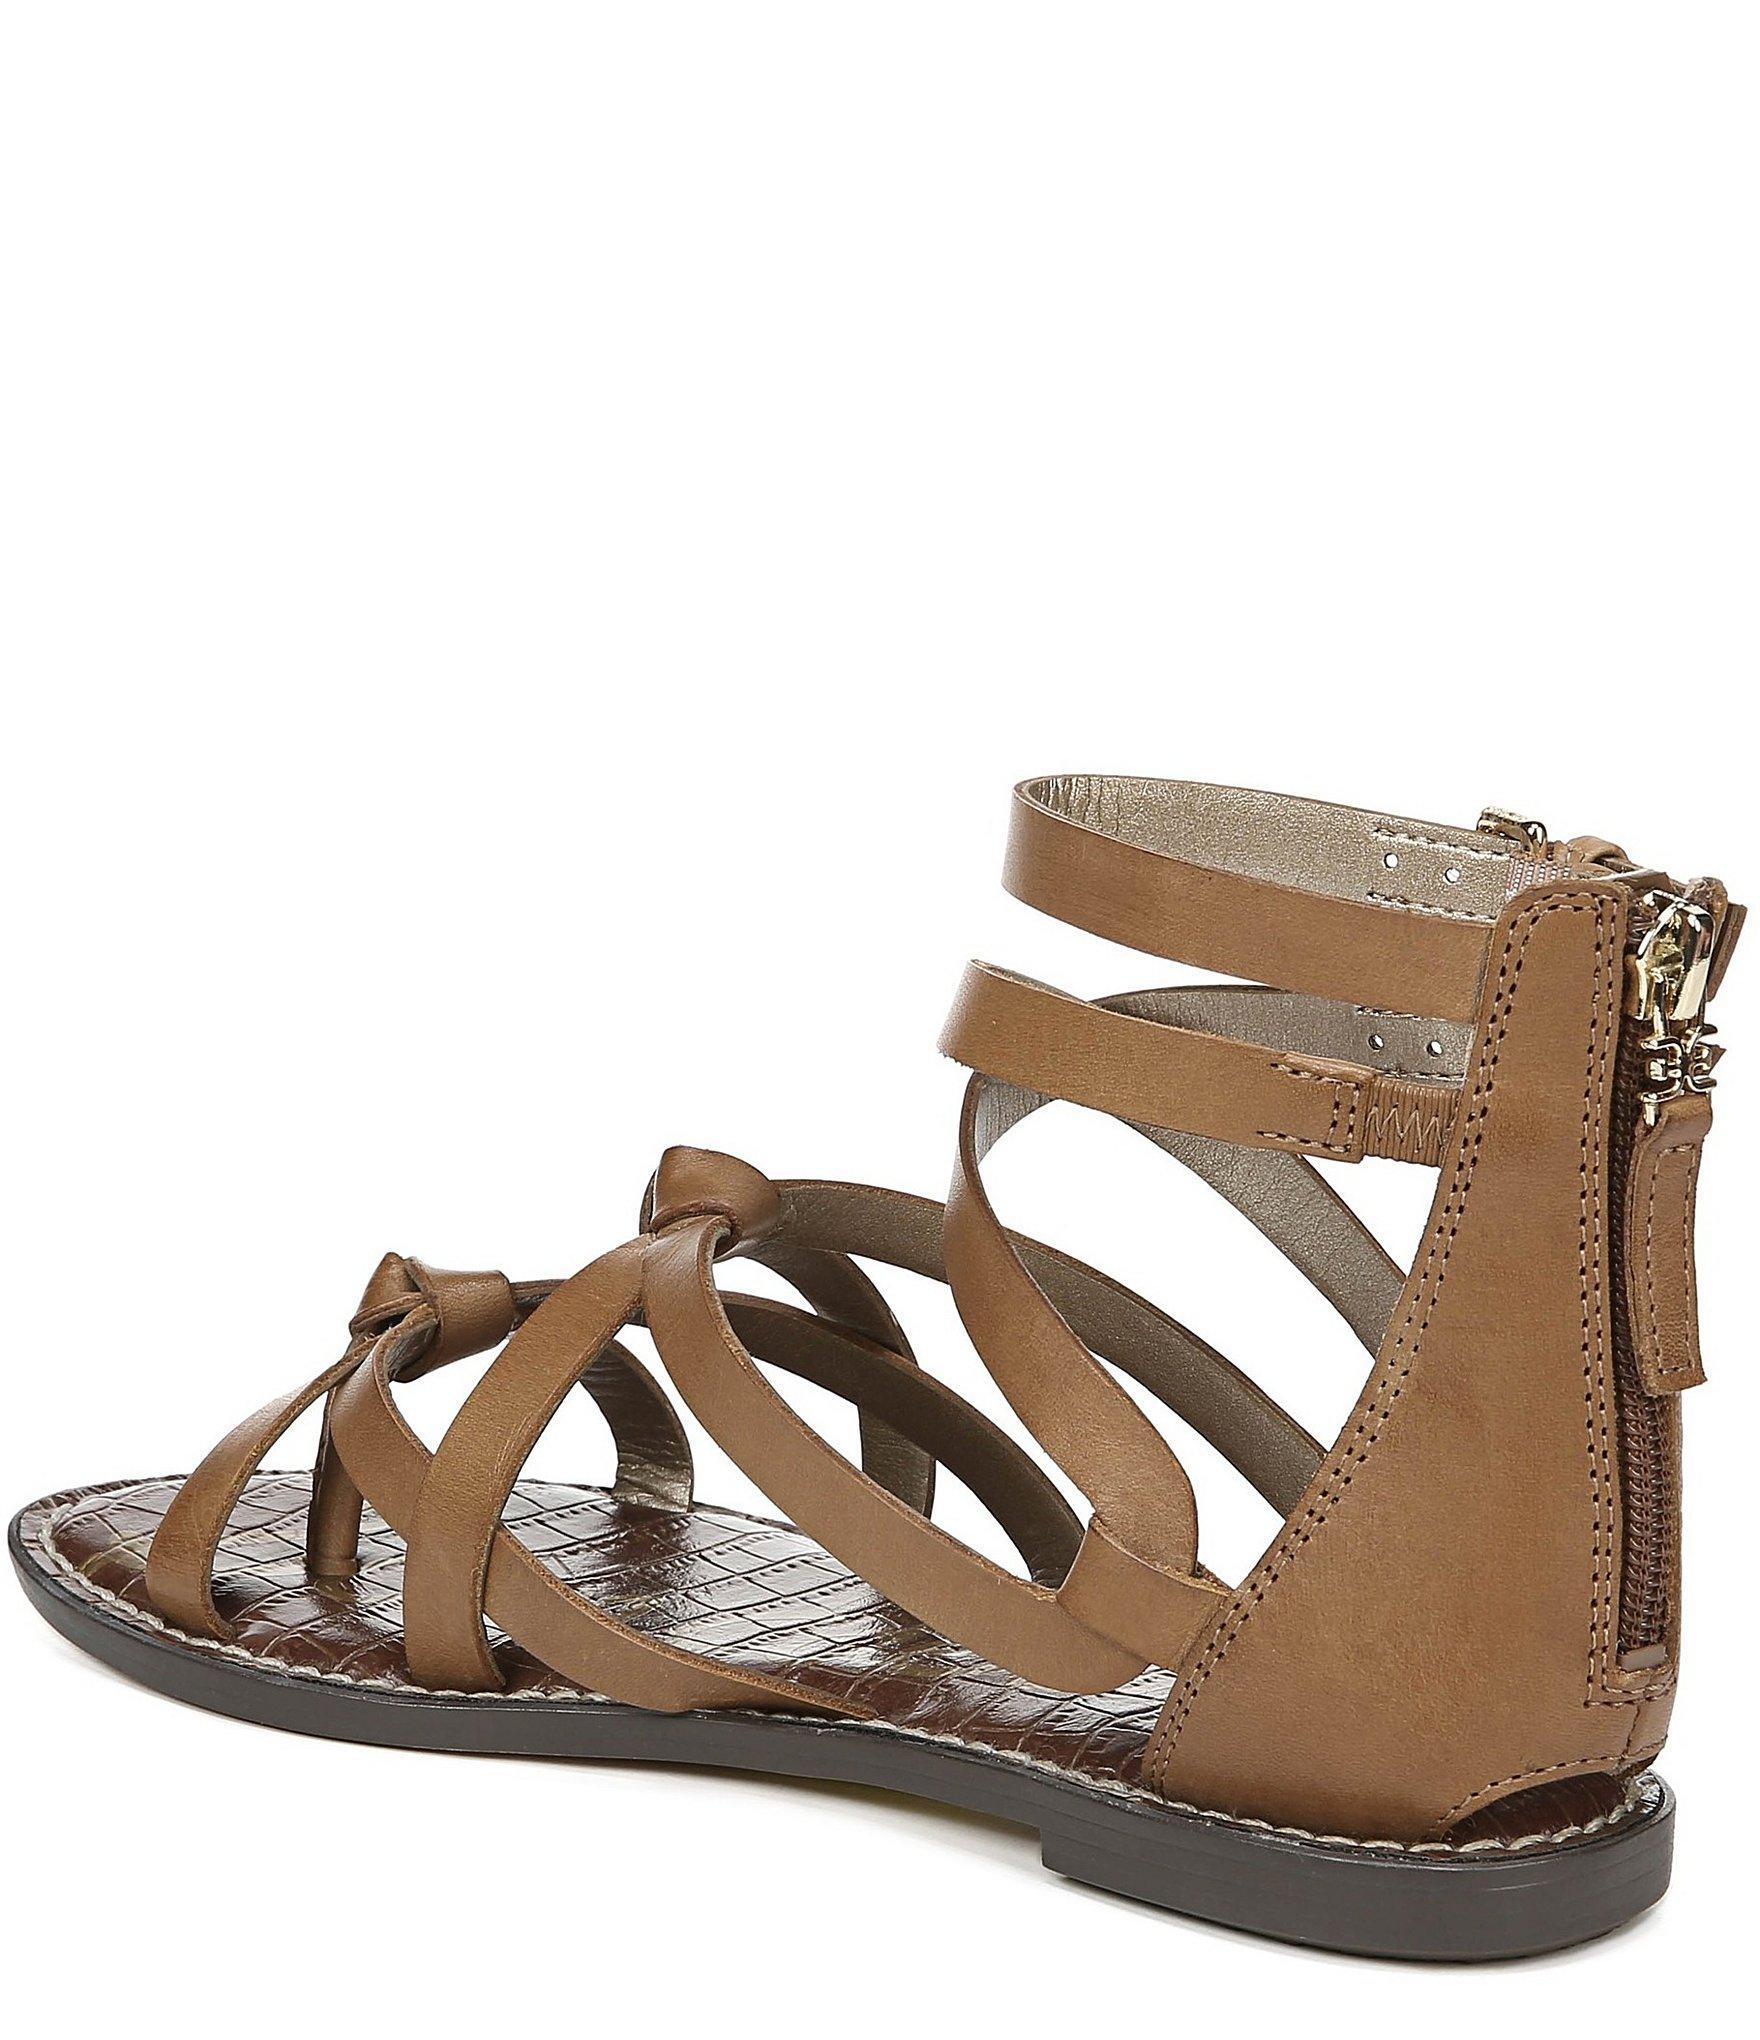 ac3f4717ef34 Lyst - Sam Edelman Gaton Leather Gladiator Sandals in Brown